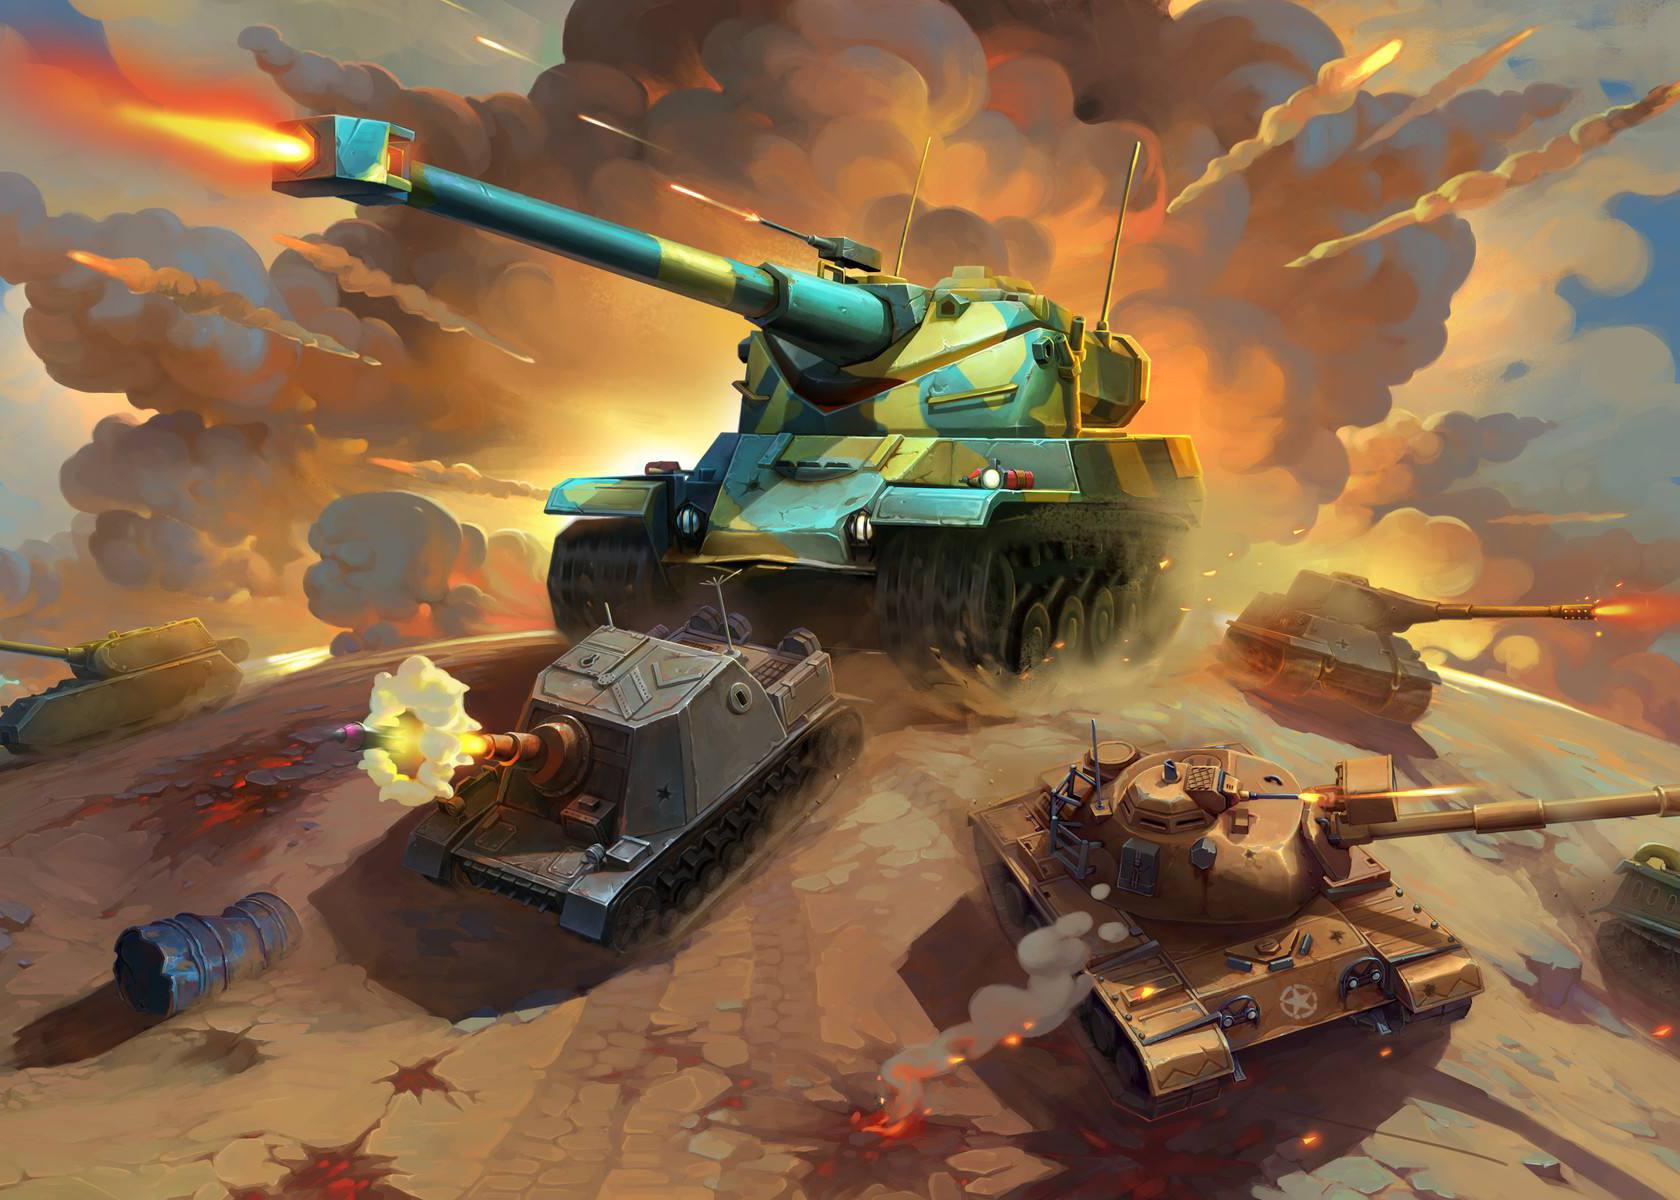 坦克大战游戏大全